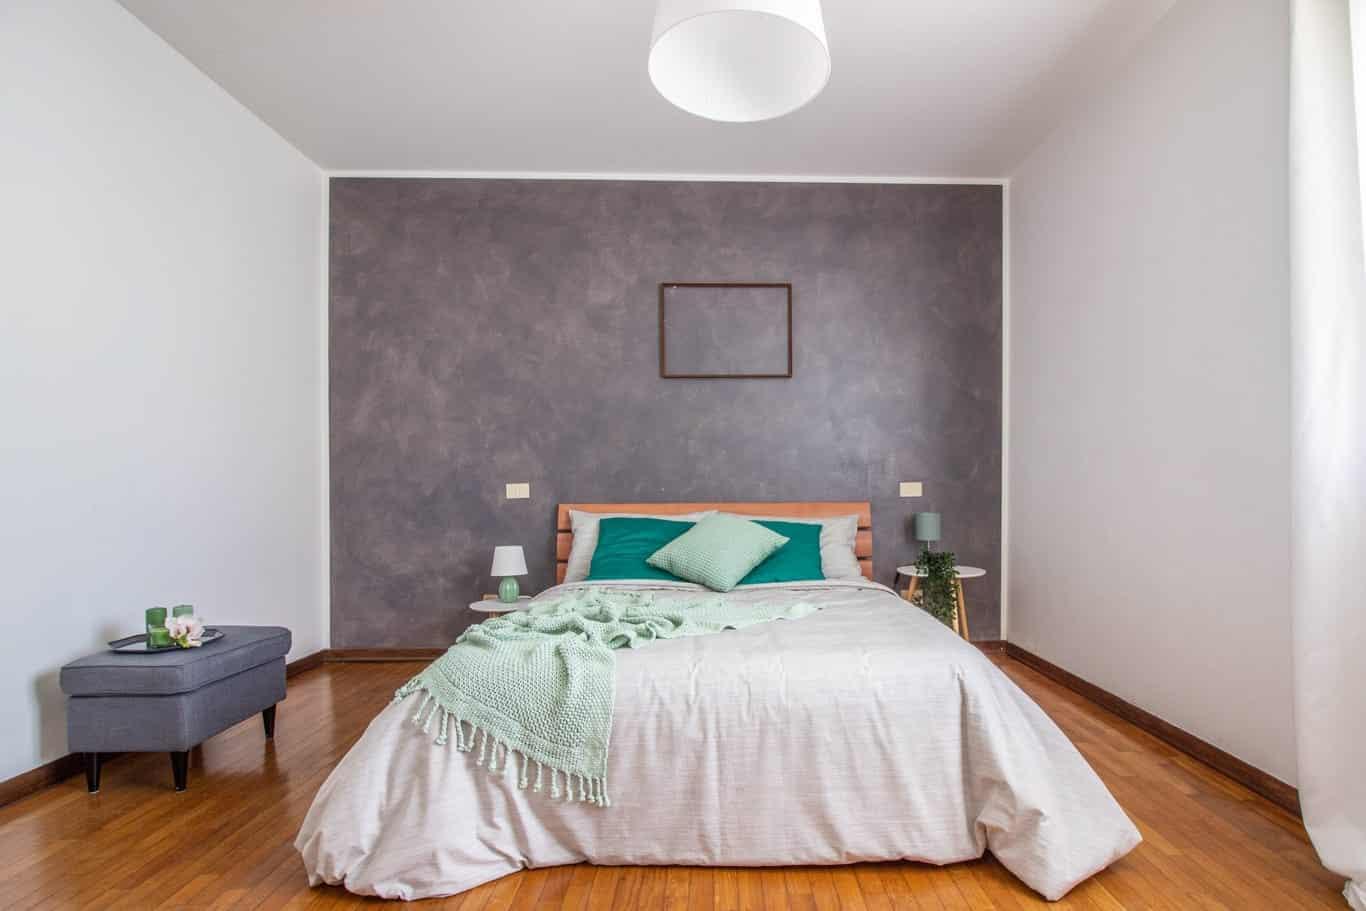 homelead-immobiliare-appartamento-zoppola (5 of 8)